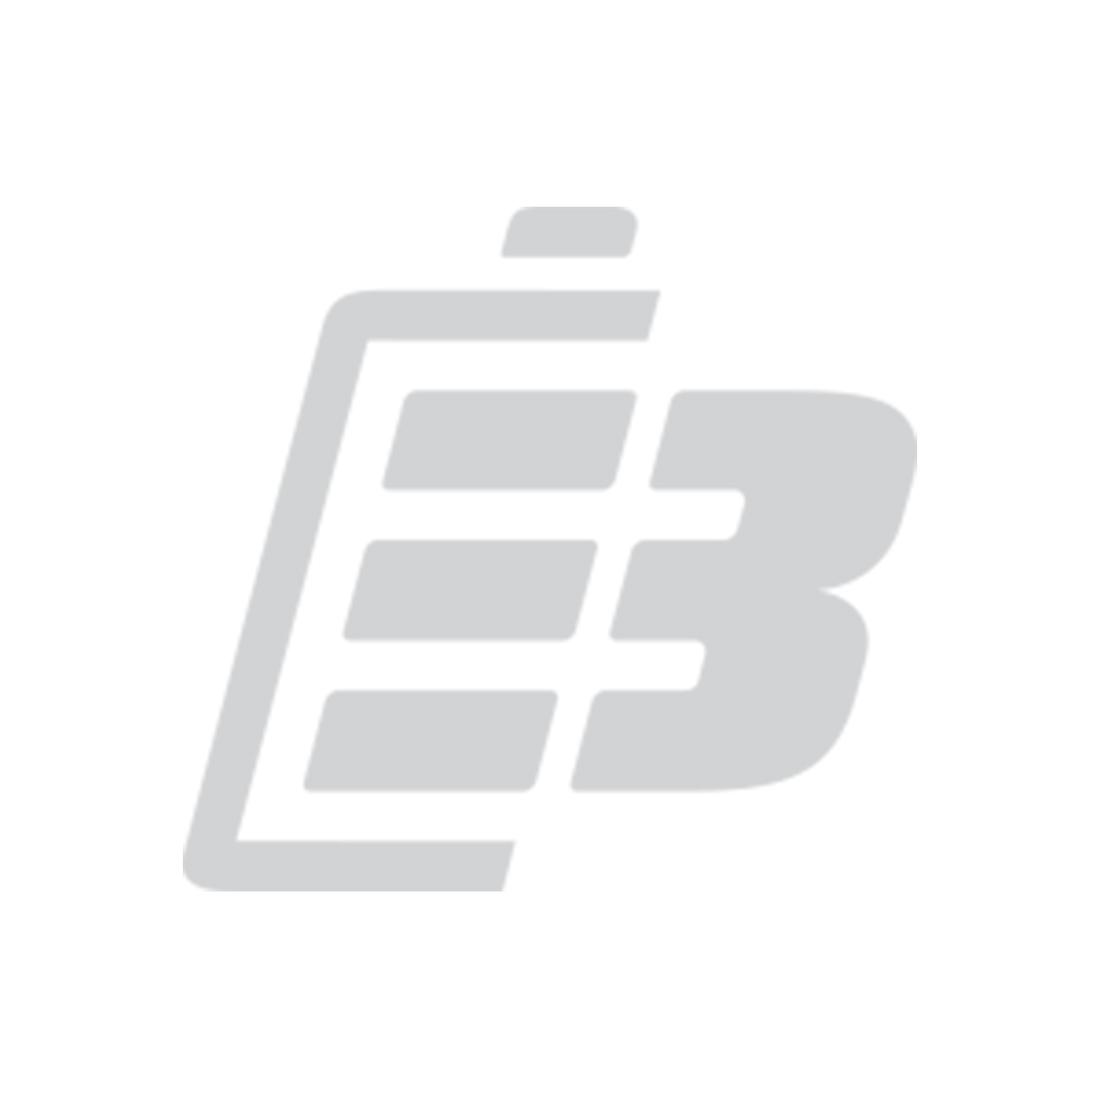 Cheoetech AUX002 3.5MM AUX Cable 1.2m